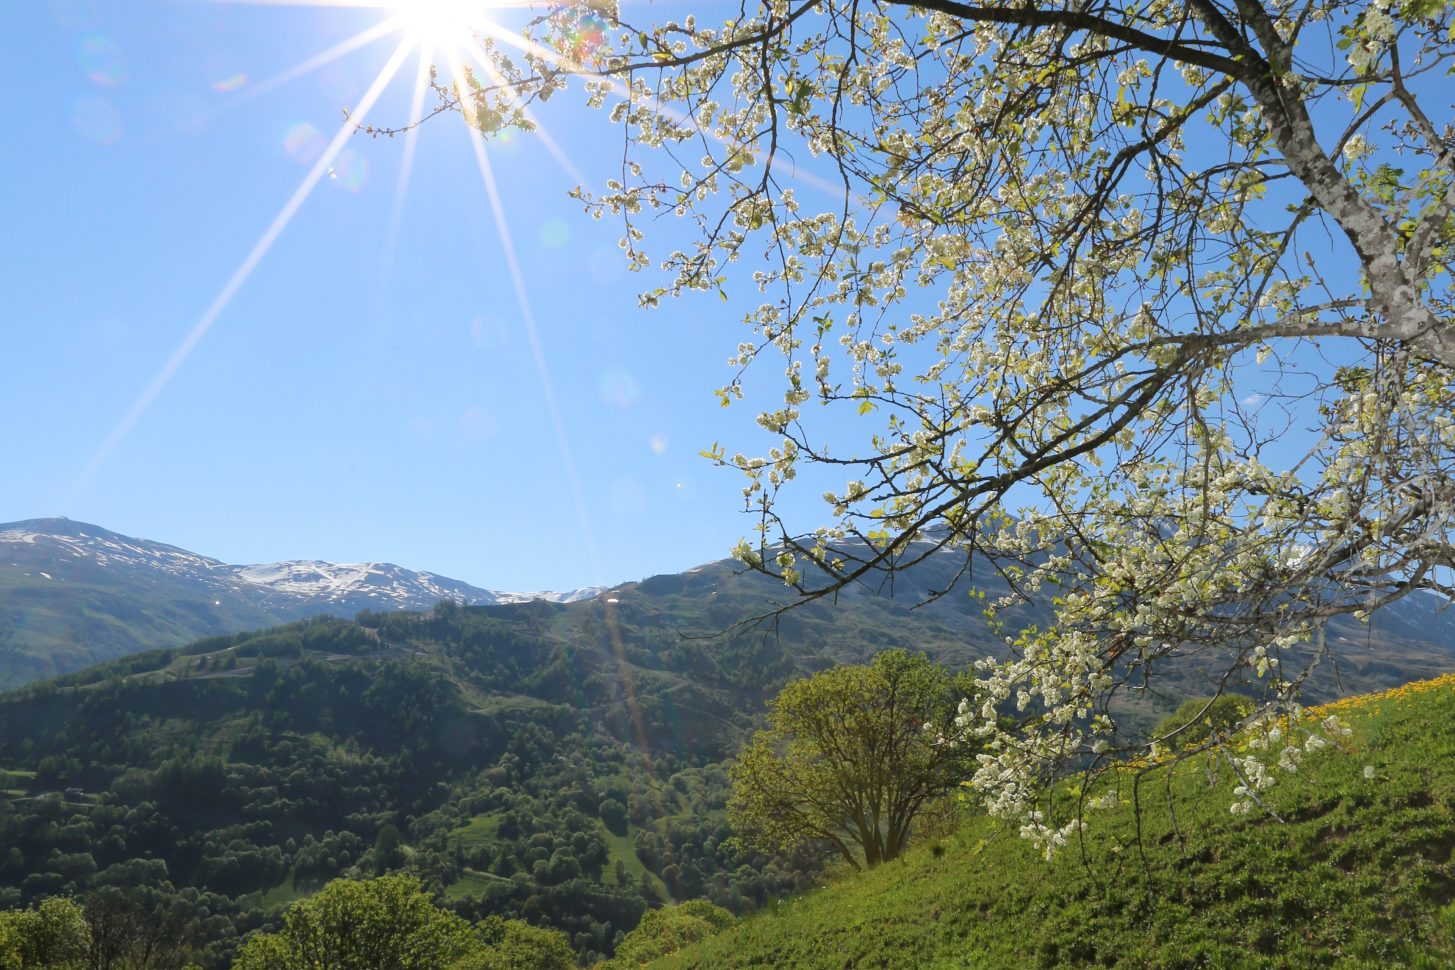 Montagne de valloire ensoleillée